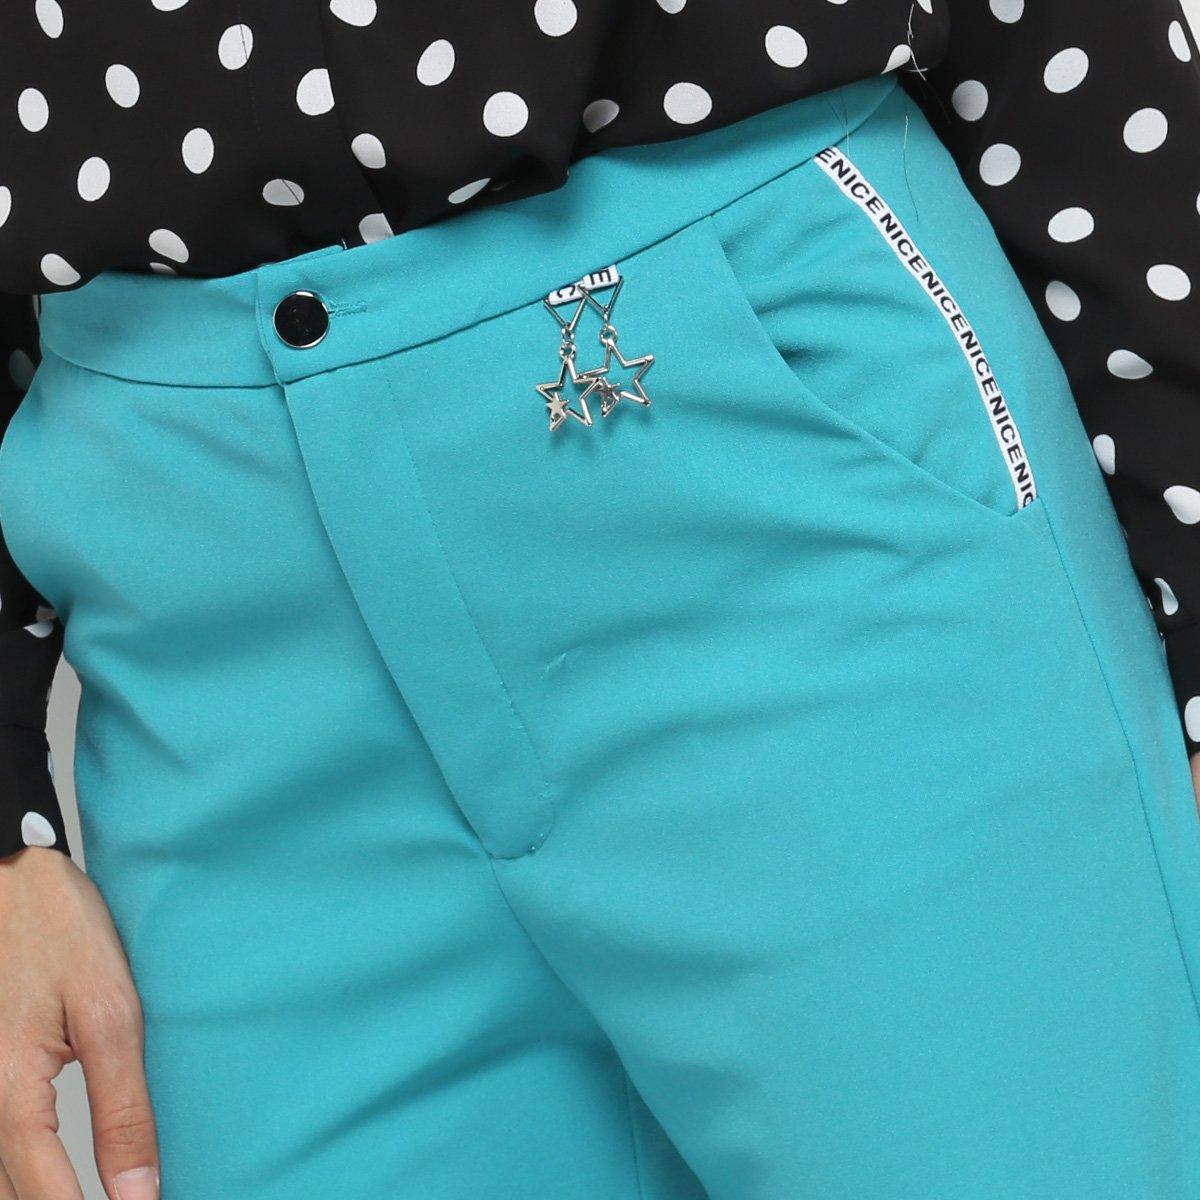 Cintura Acrobat Turquesa Calça Azul Pantacourt Alta Feminina Calça Pantacourt 8qIStS